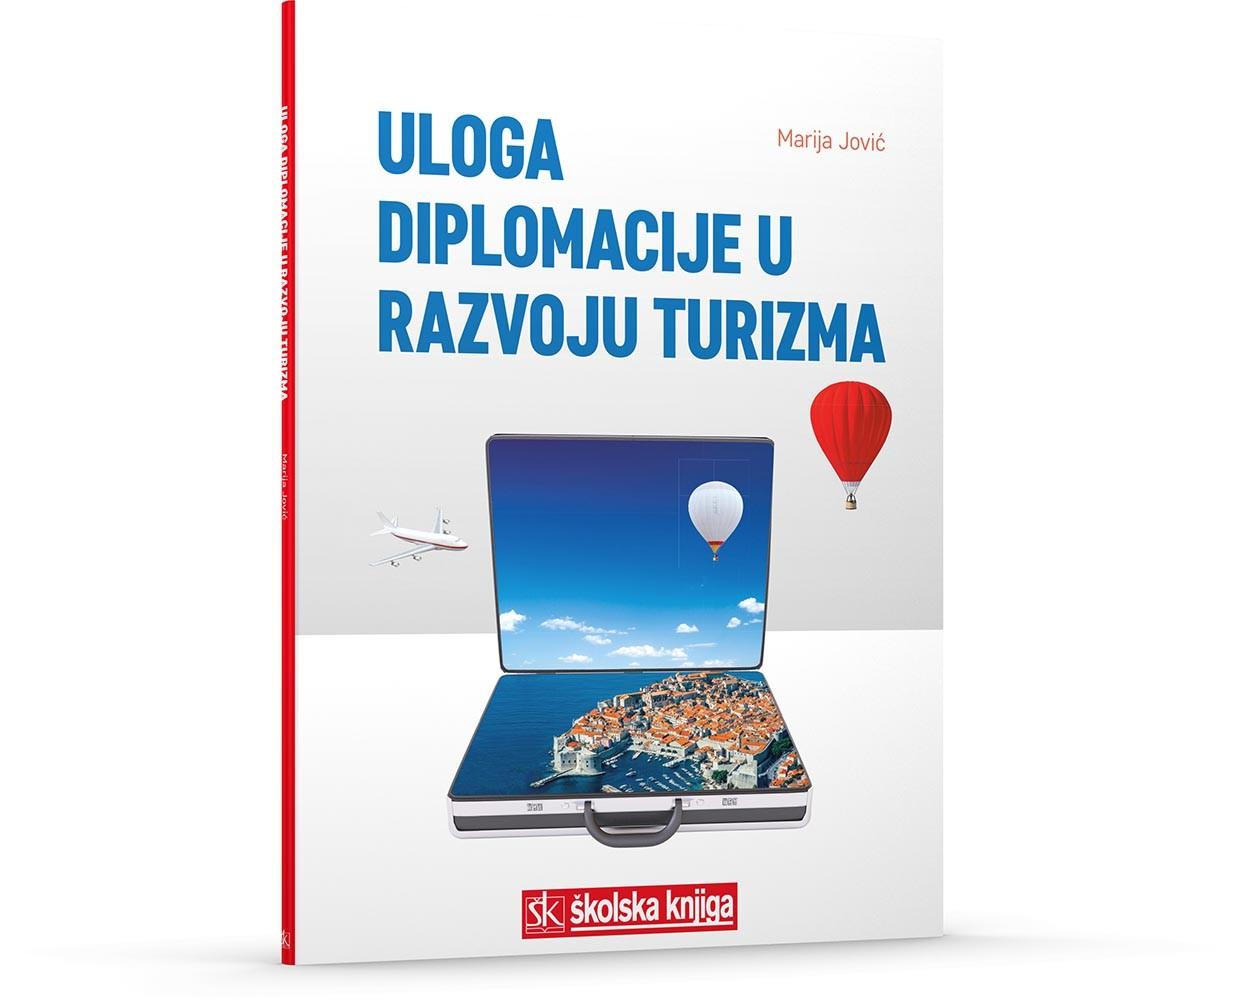 Uloga diplomacije u razvoju turizma